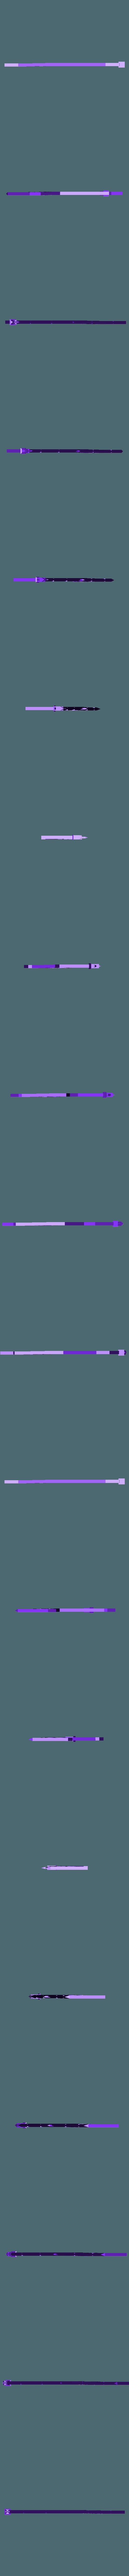 WoodBridge-Clean.stl Télécharger fichier STL gratuit École Poudlard • Plan imprimable en 3D, Urgnarb